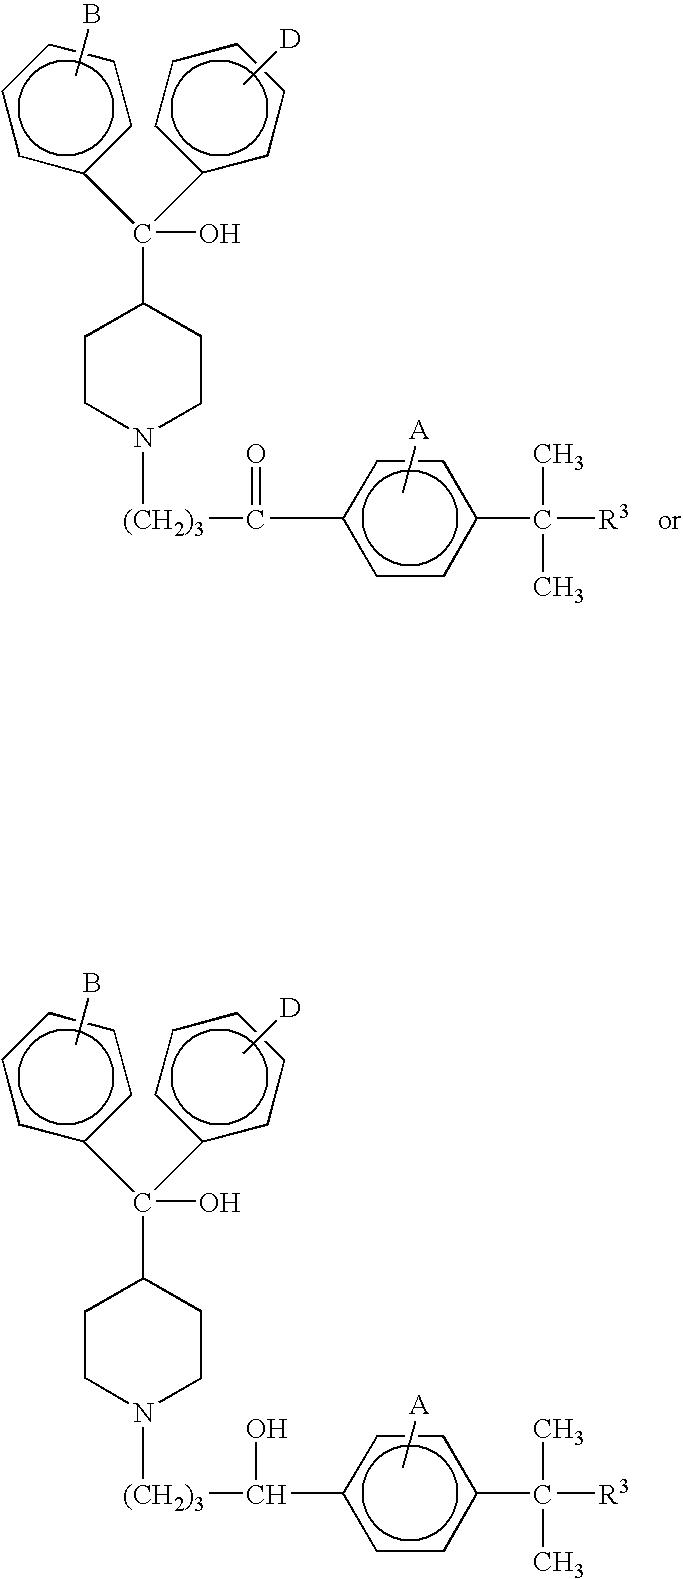 Figure US20070010677A1-20070111-C00022